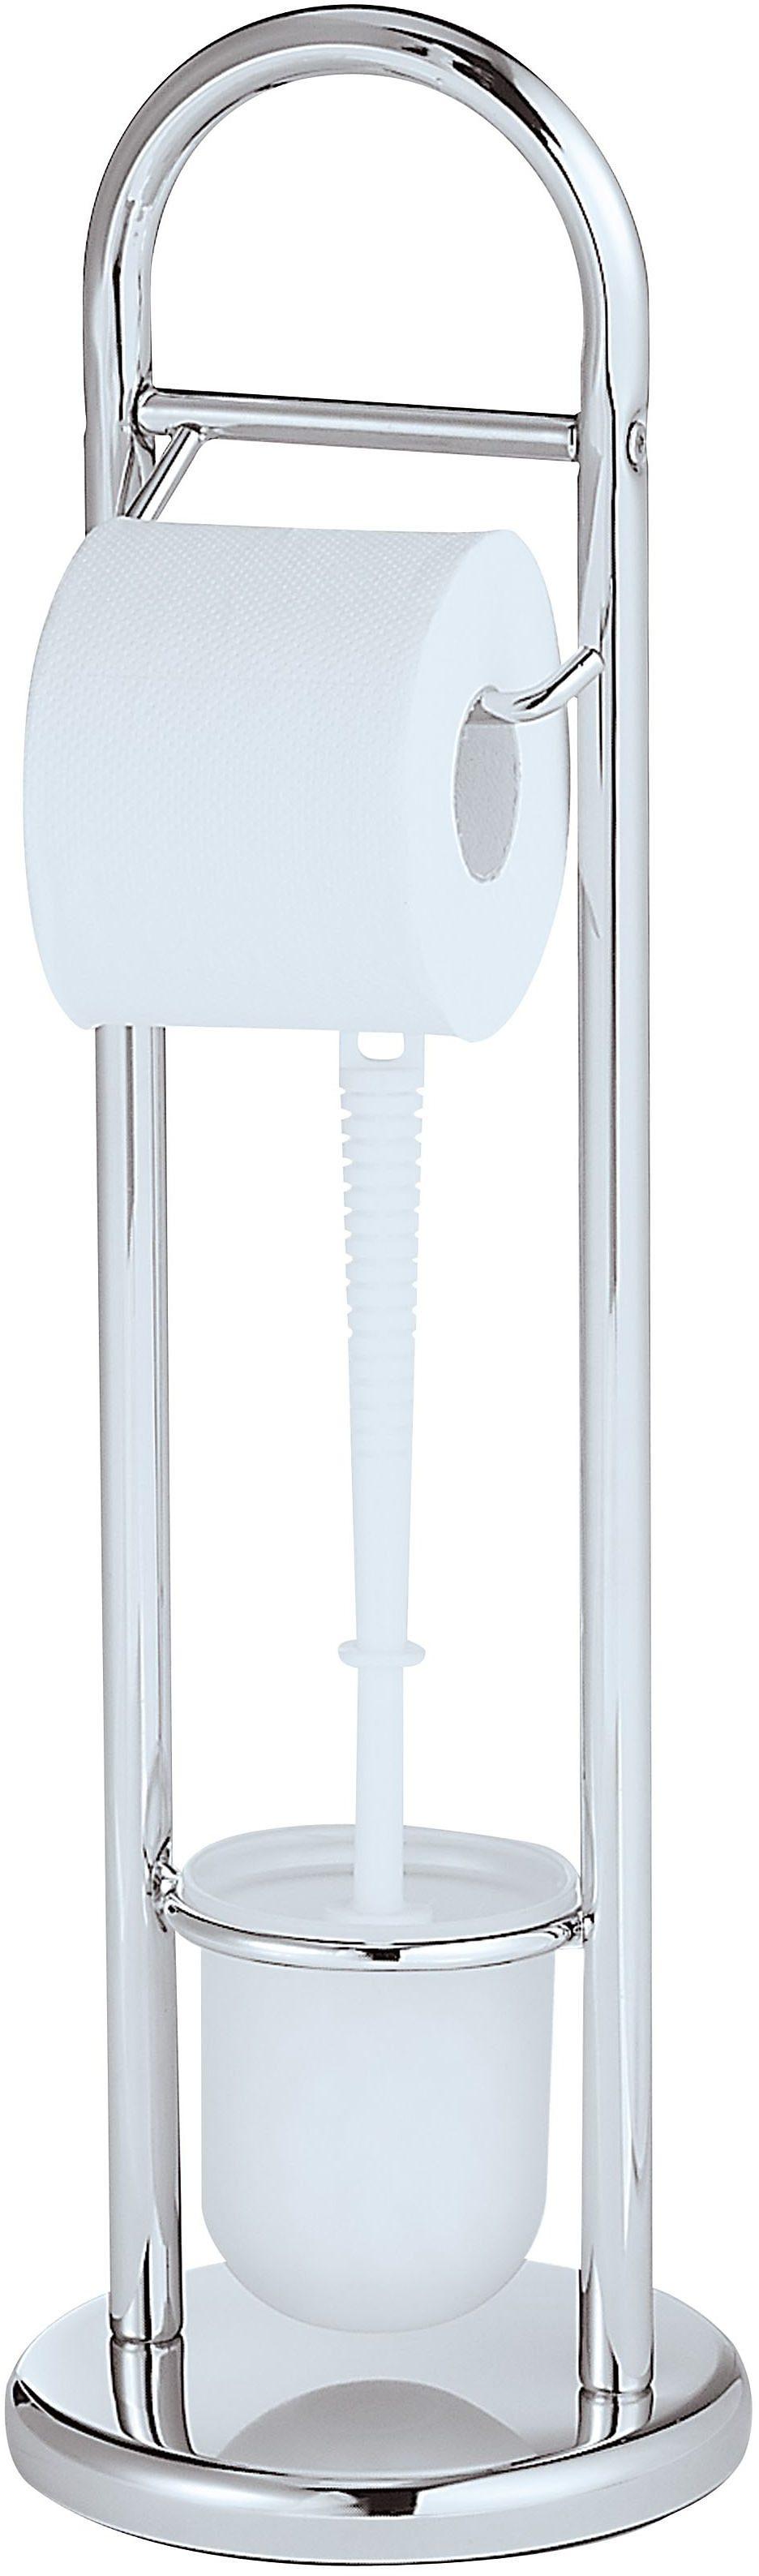 WENKO Stand WC-Garnitur Siena Chrom